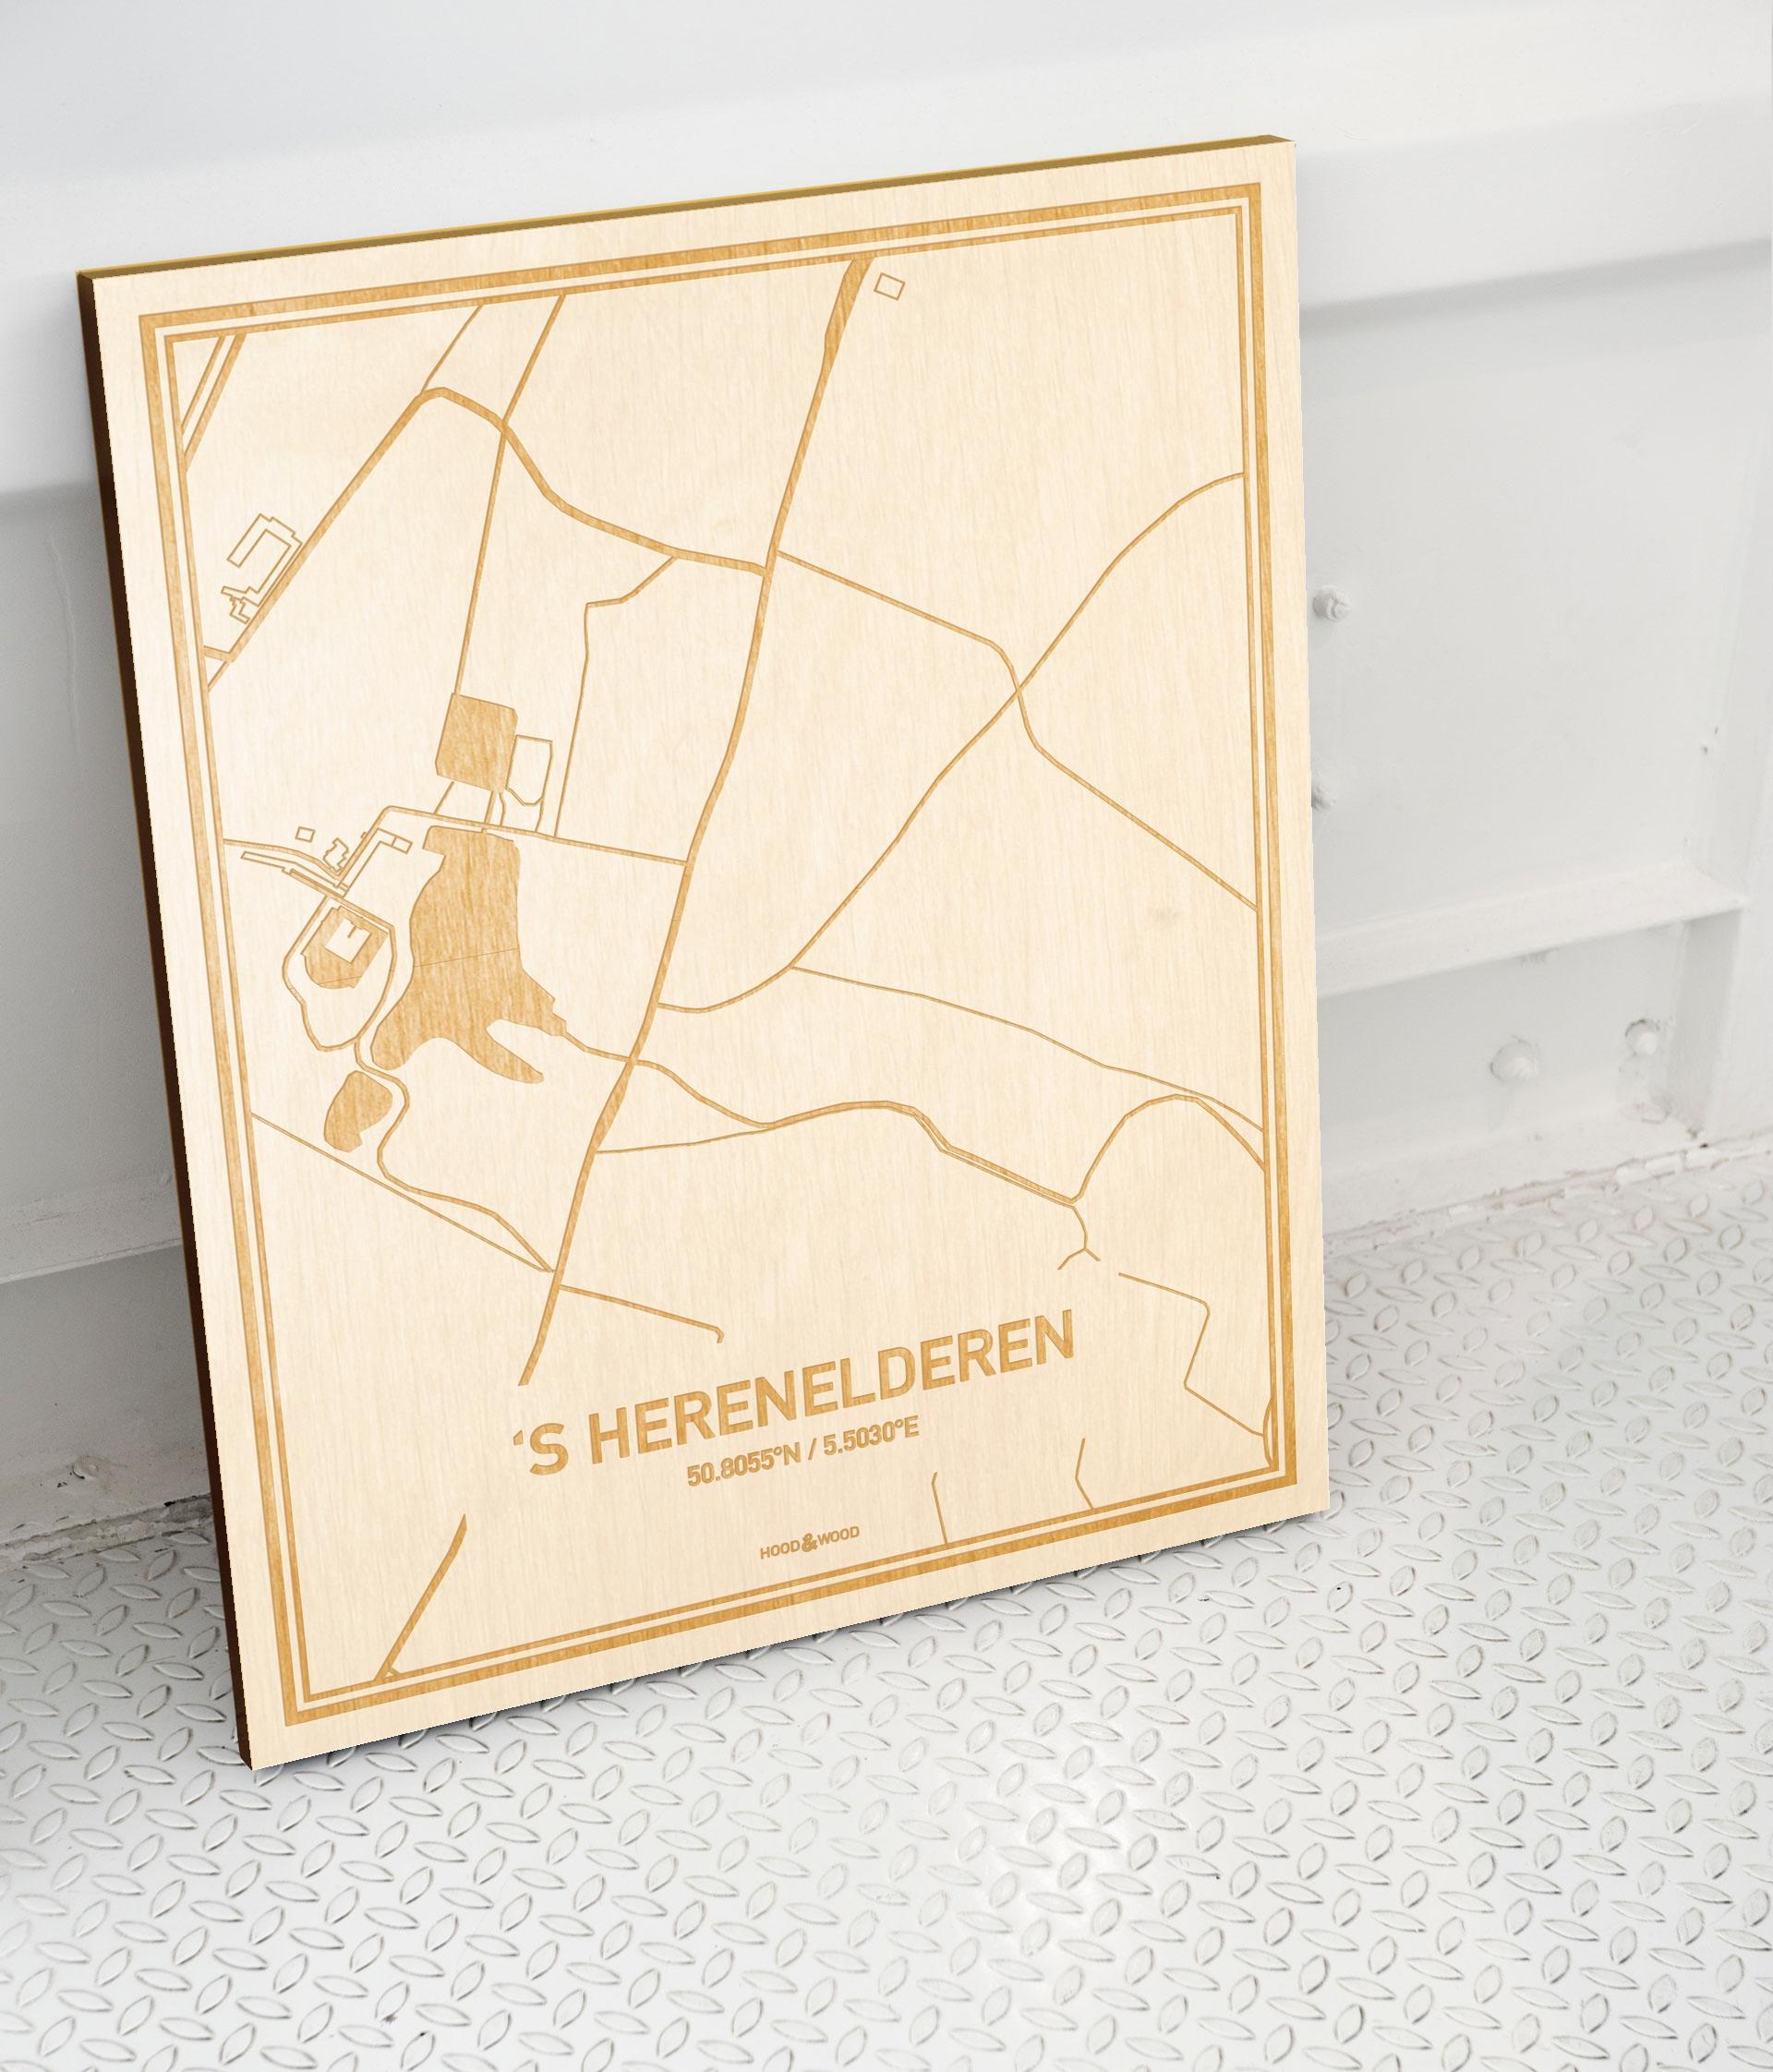 Plattegrond 'S Herenelderen als prachtige houten wanddecoratie. Het warme hout contrasteert mooi met de witte muur.